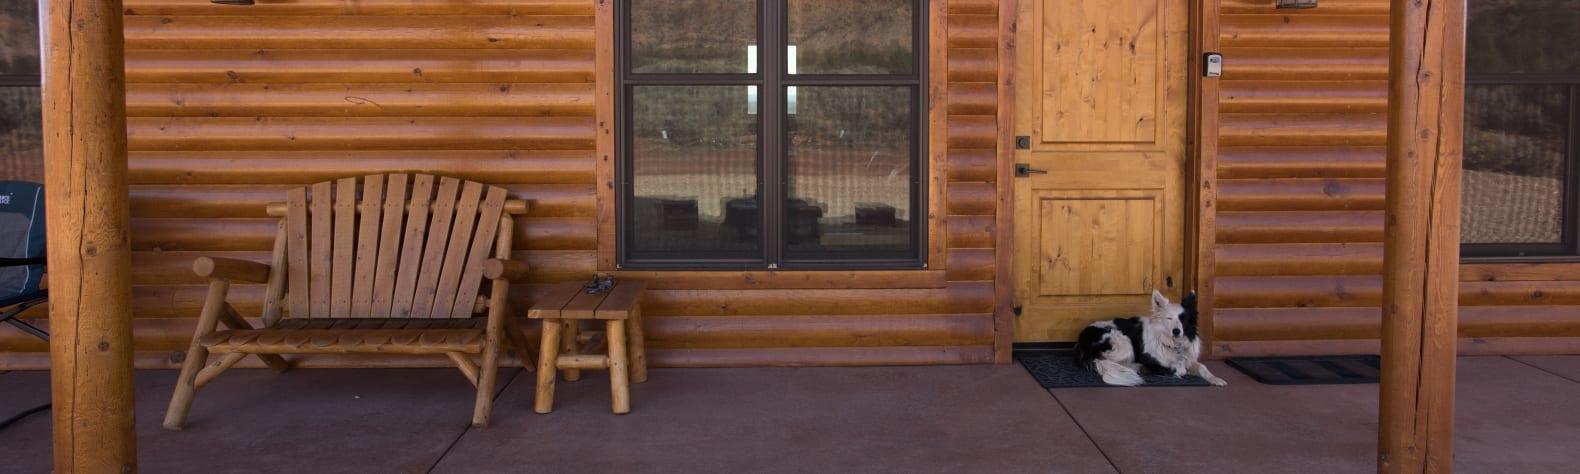 Kanab Utah Vacation Rentals